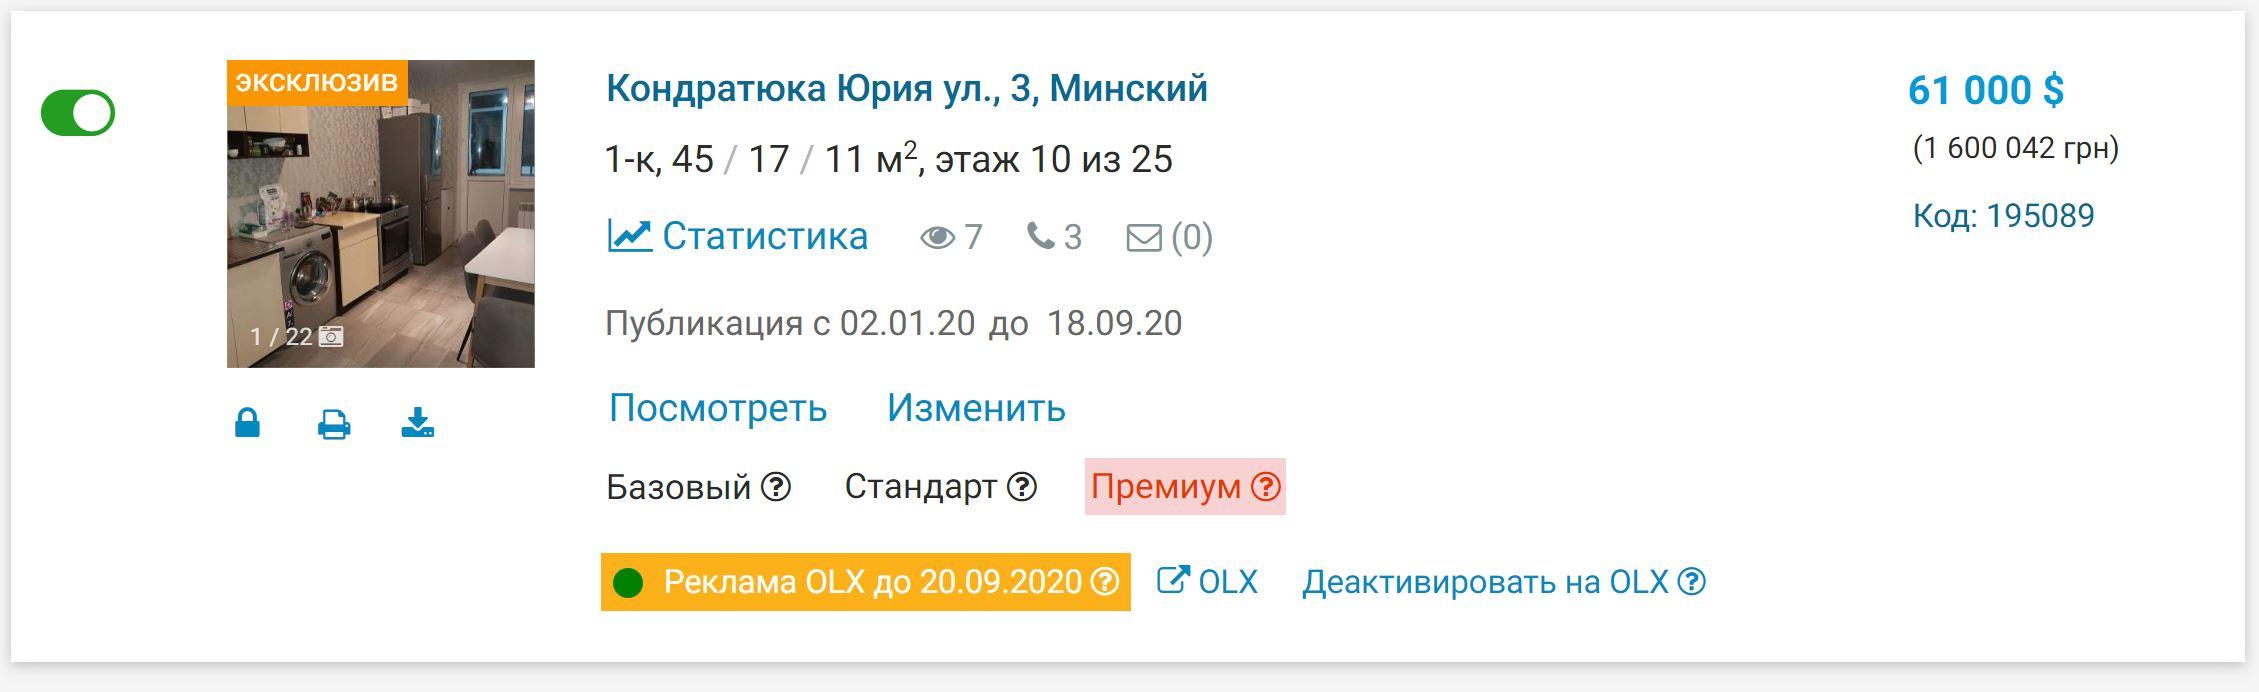 персональный аккаунт - личный кабинет партнера АН SOFIA PLUS